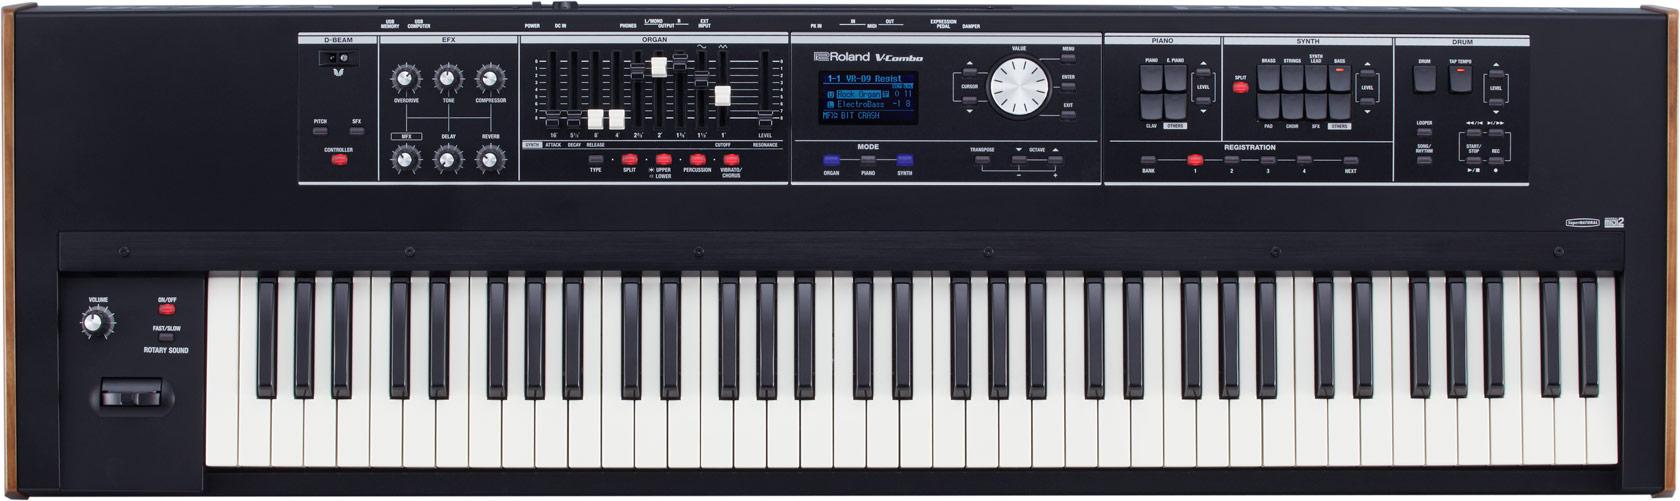 Teclado sintetizador Roland VR-730